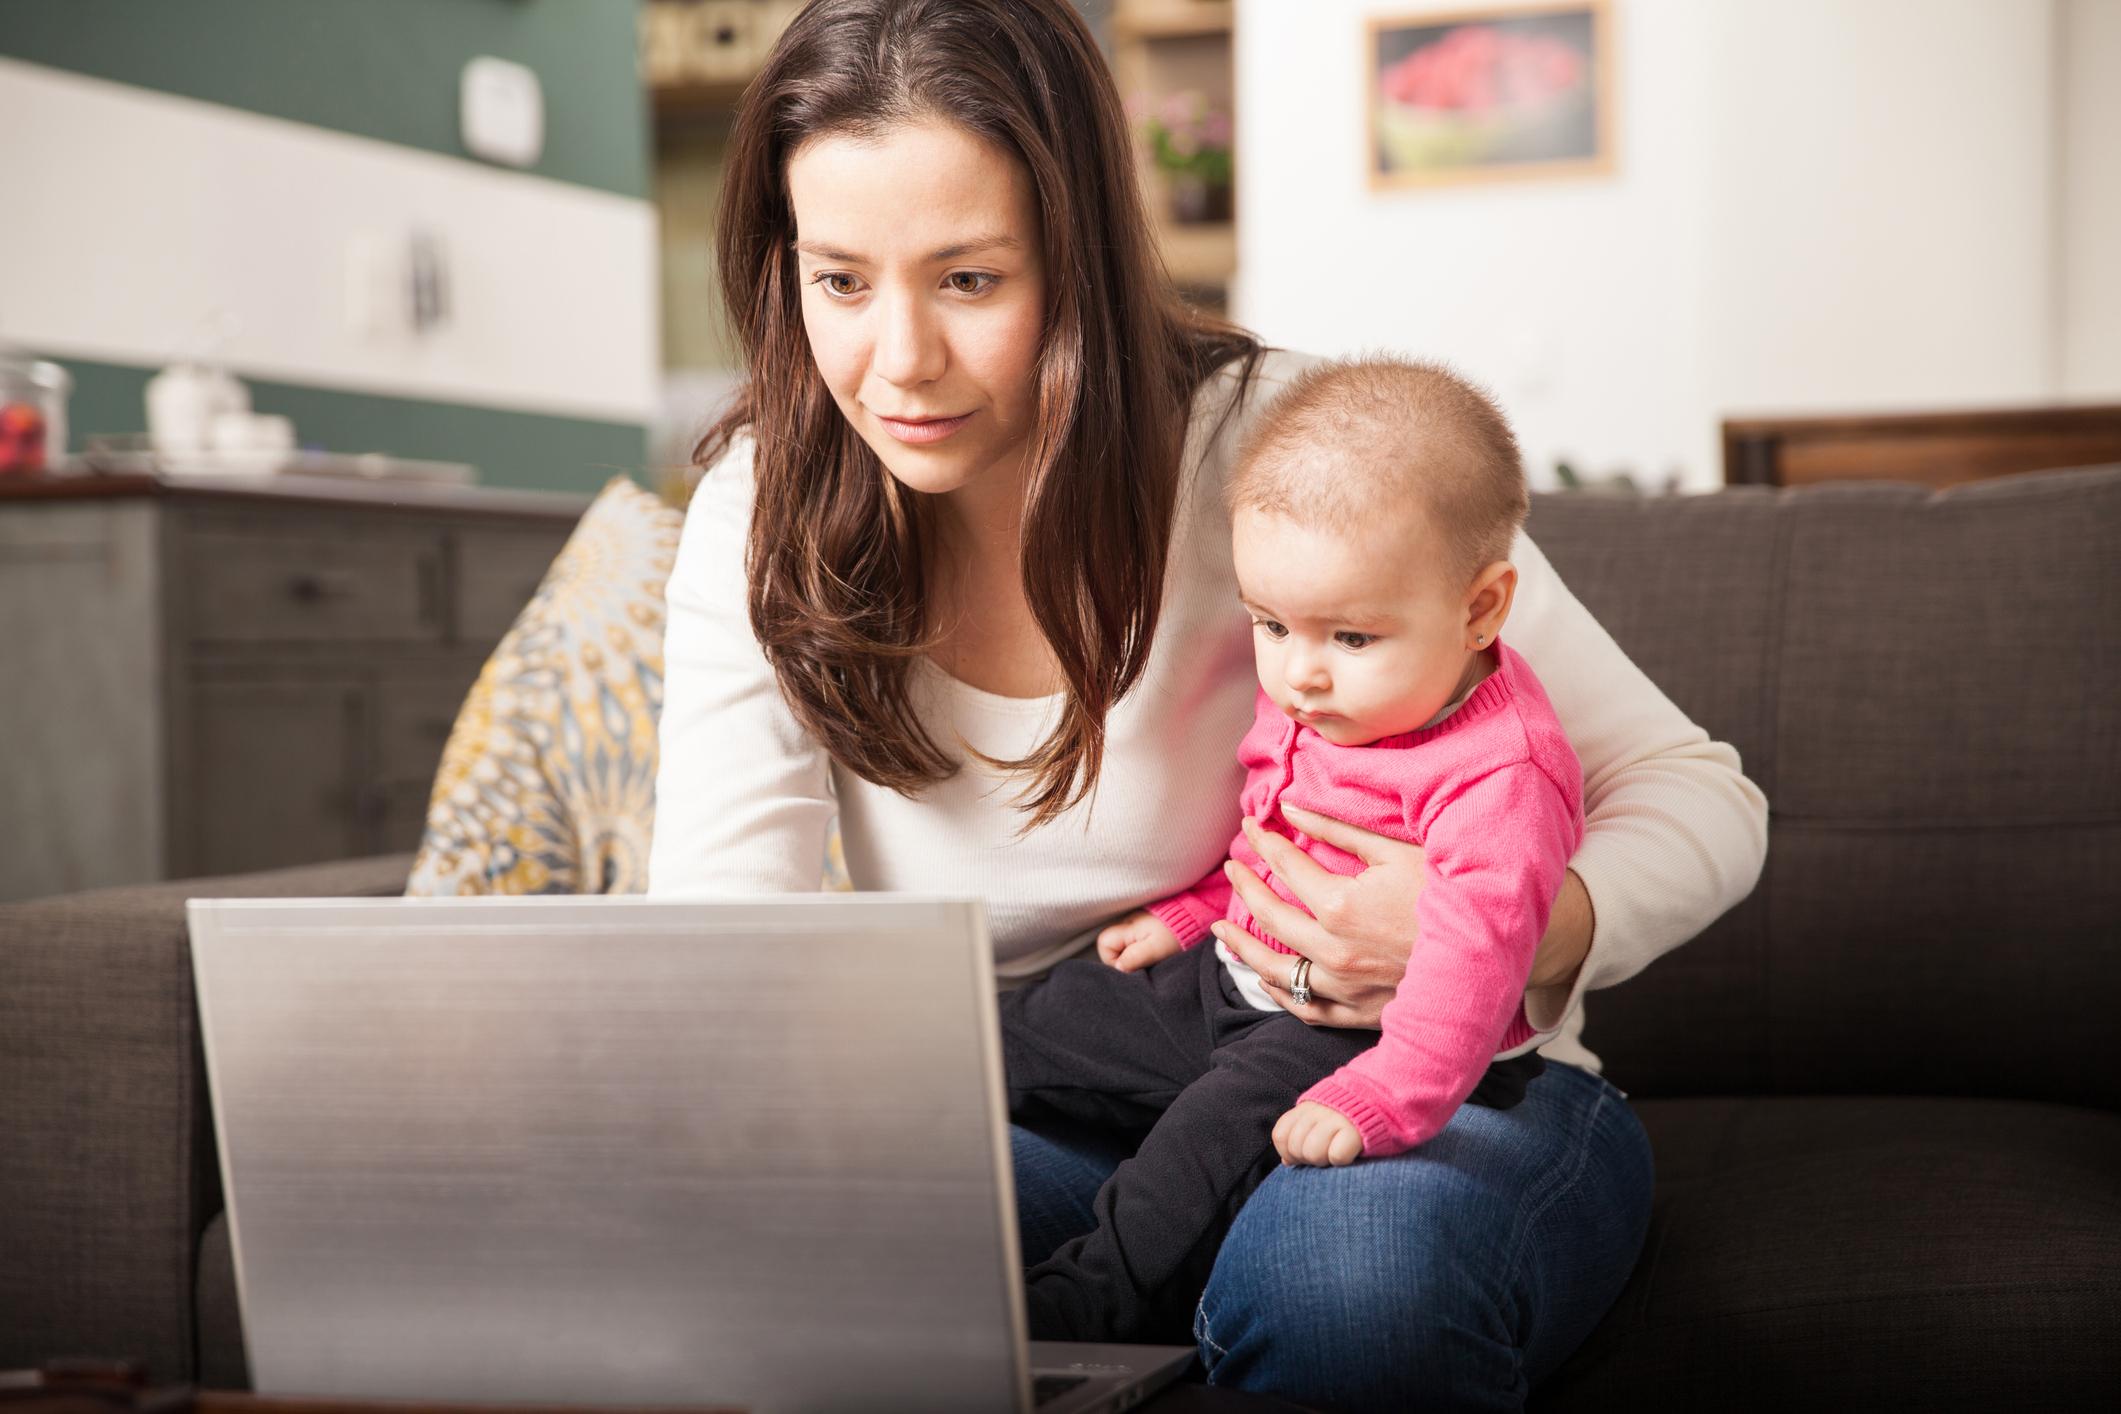 Портал для мам: корисні сайти, які дозволять поєднати бізнес і материнство